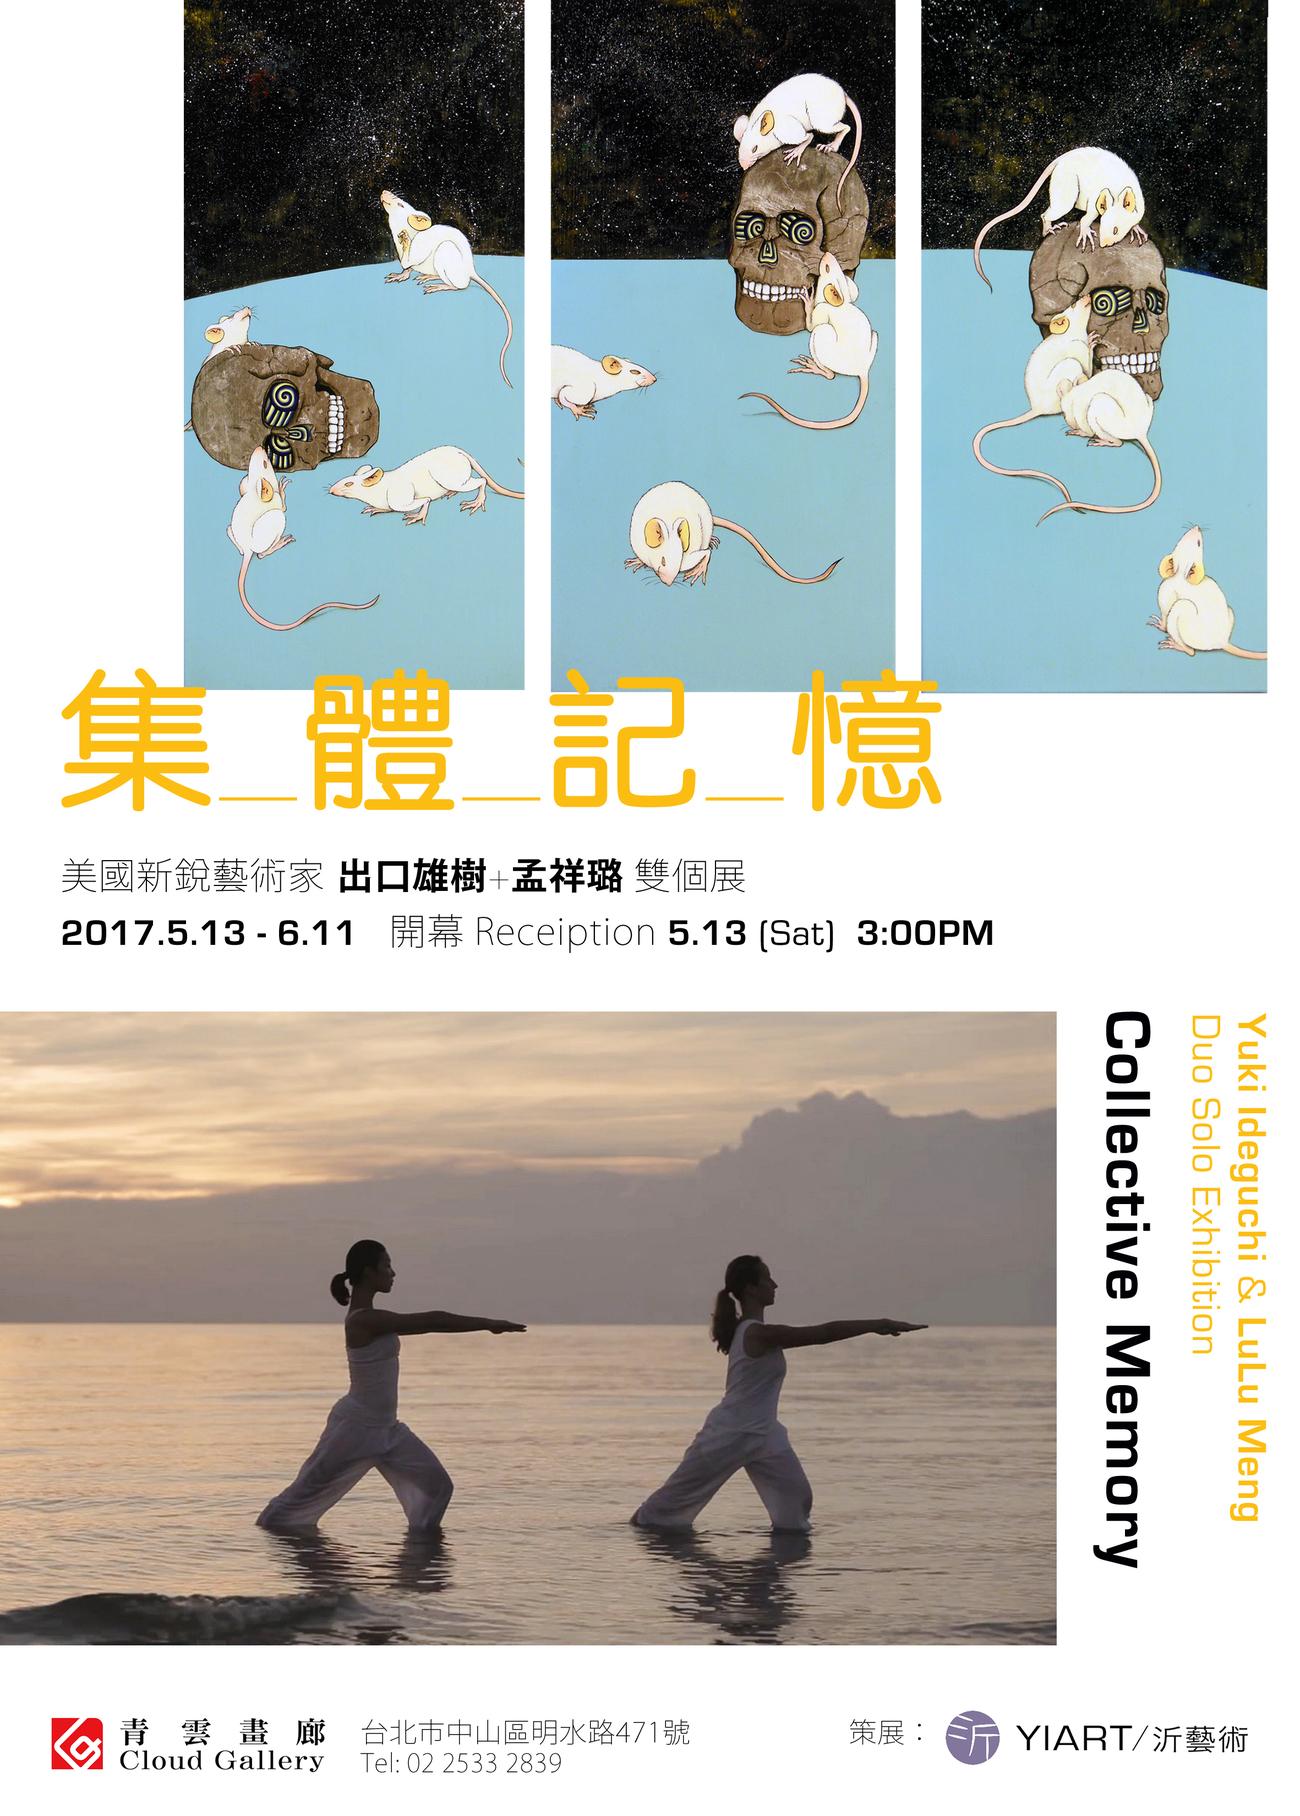 《集體記憶》 - 紐約新銳藝術展